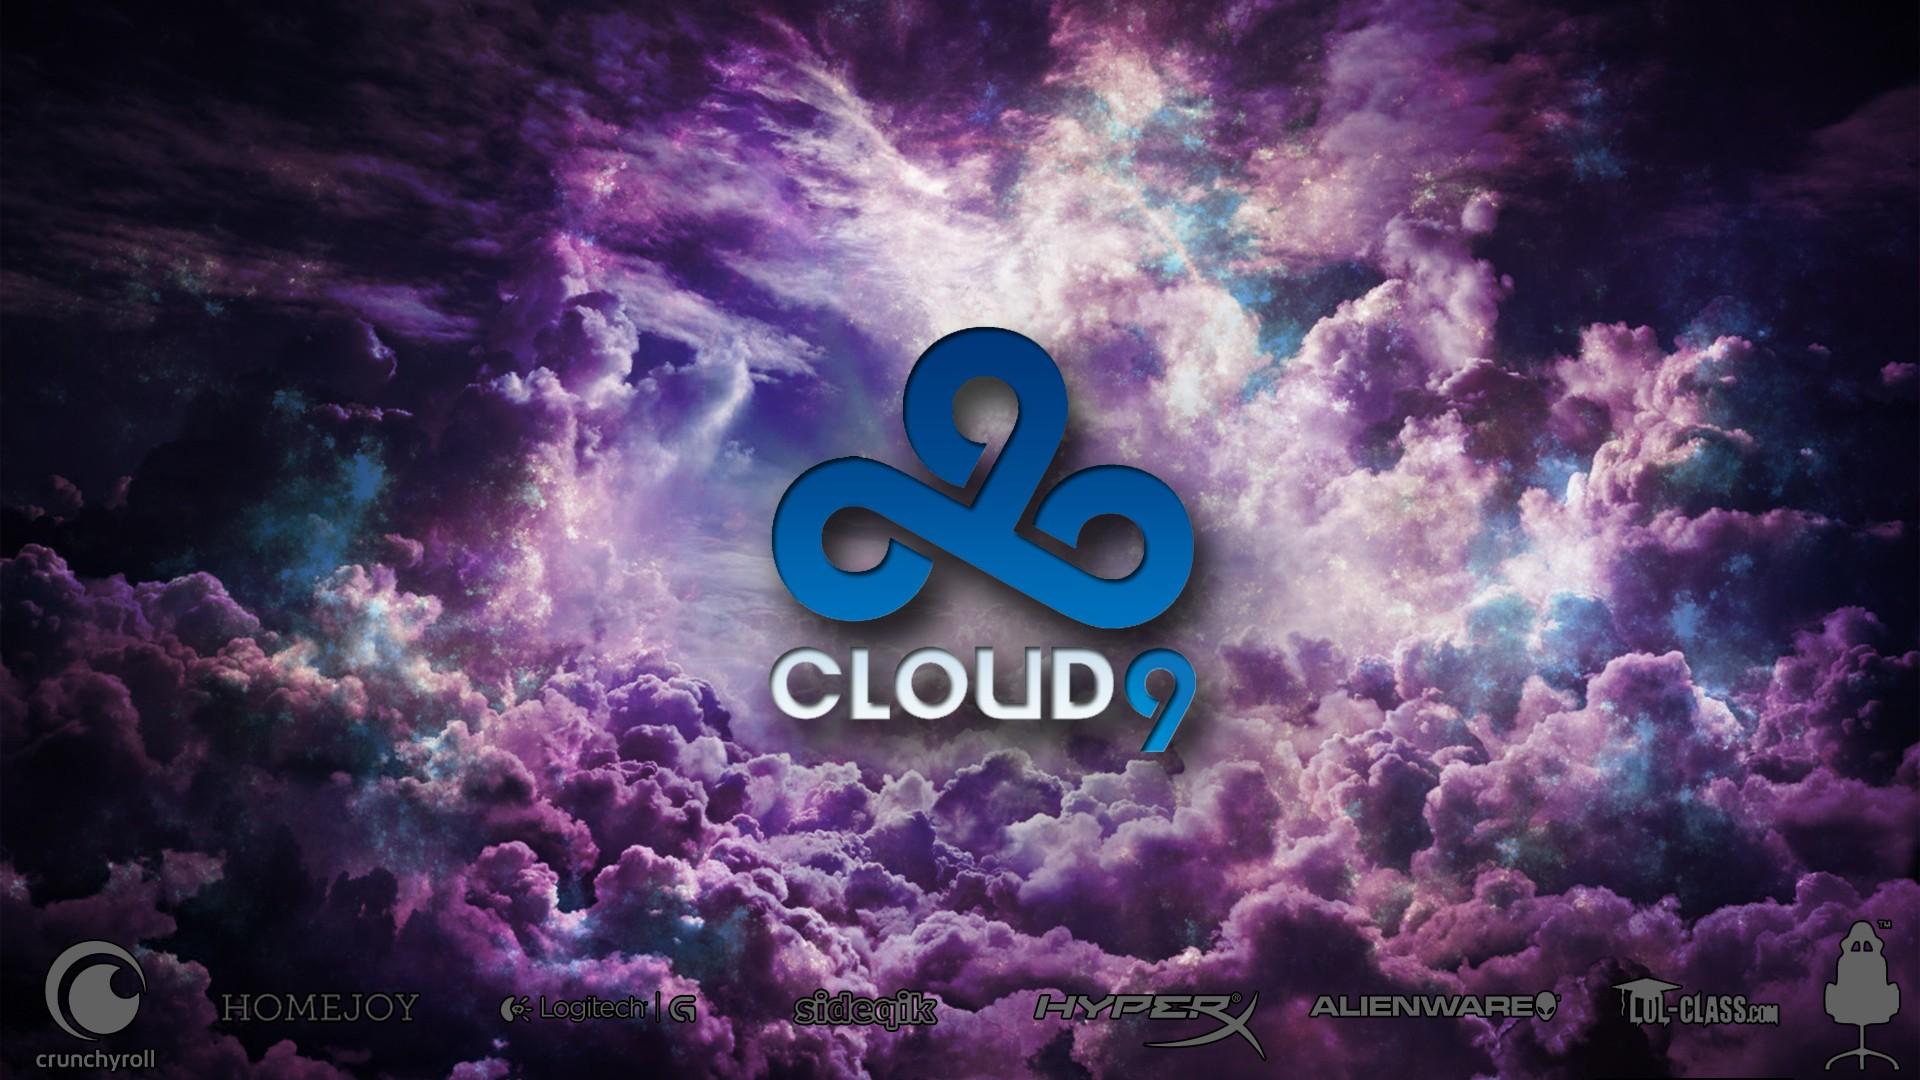 C9 Iphone Wallpaper Wallpaper Cloud 9 Hd 2019 Live Wallpaper Hd